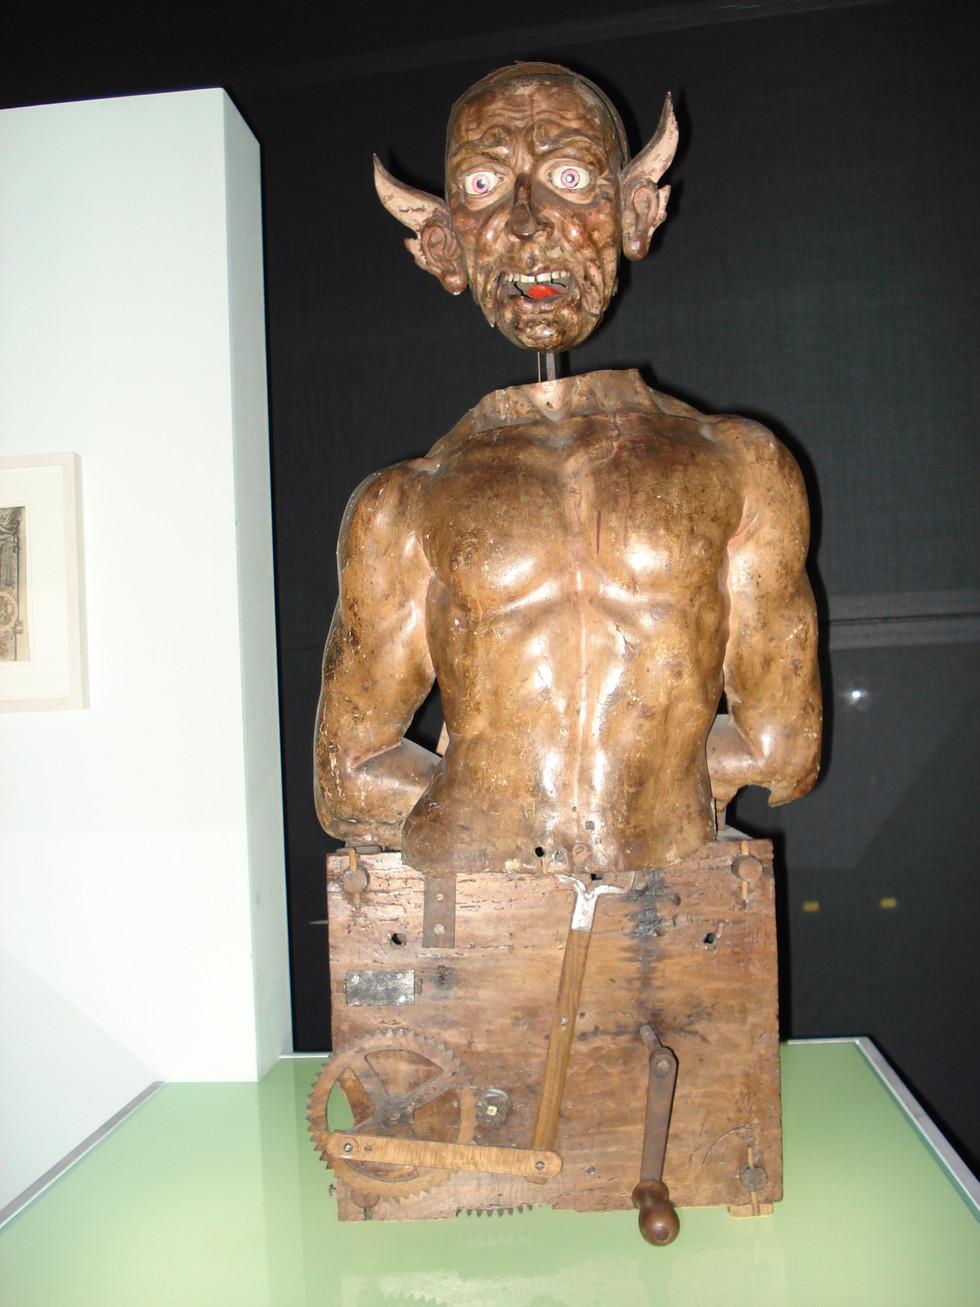 « Automa con faccia grottesca, noto come 'lo schiavo incatenato' », Civiche Raccolte d'Arte Applicata, en dépôt au Civico Museo di Storia Naturale, Milan.